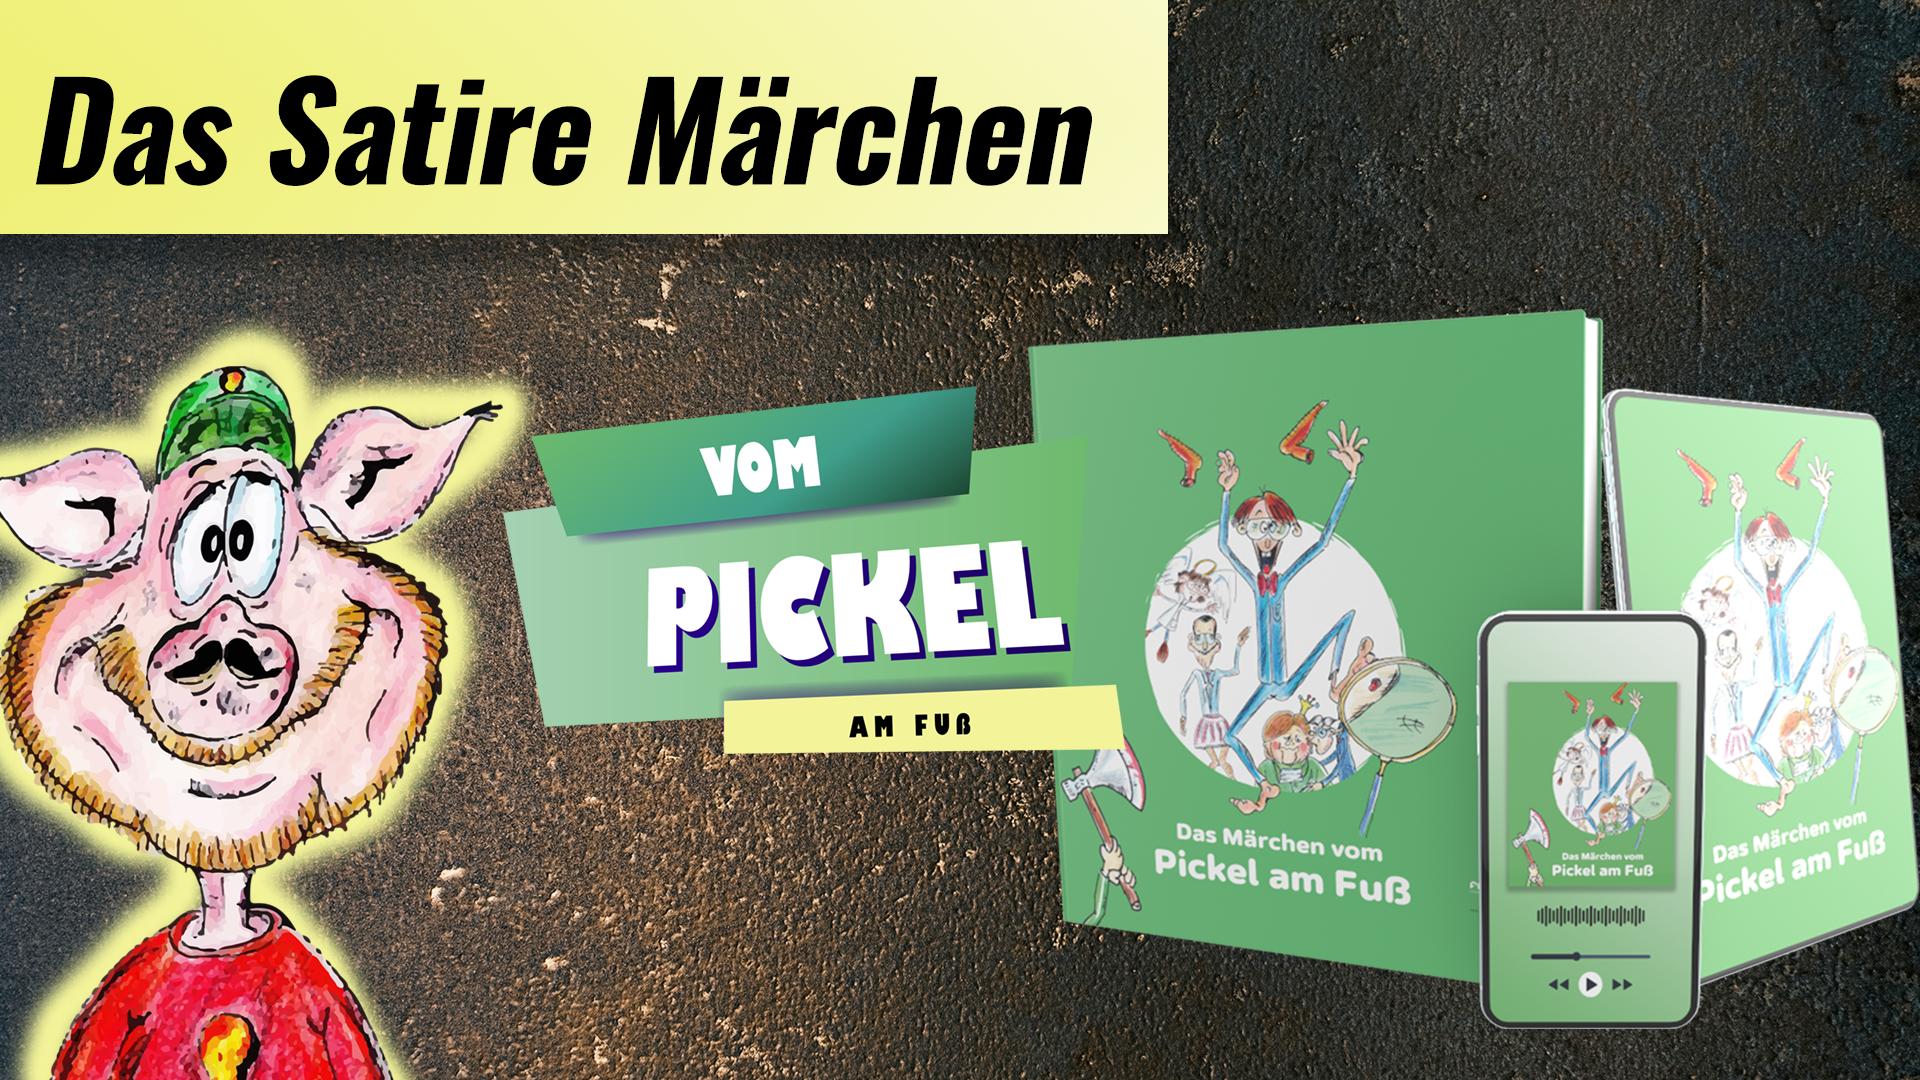 satirisches Märchen vom Pickel am Fuß